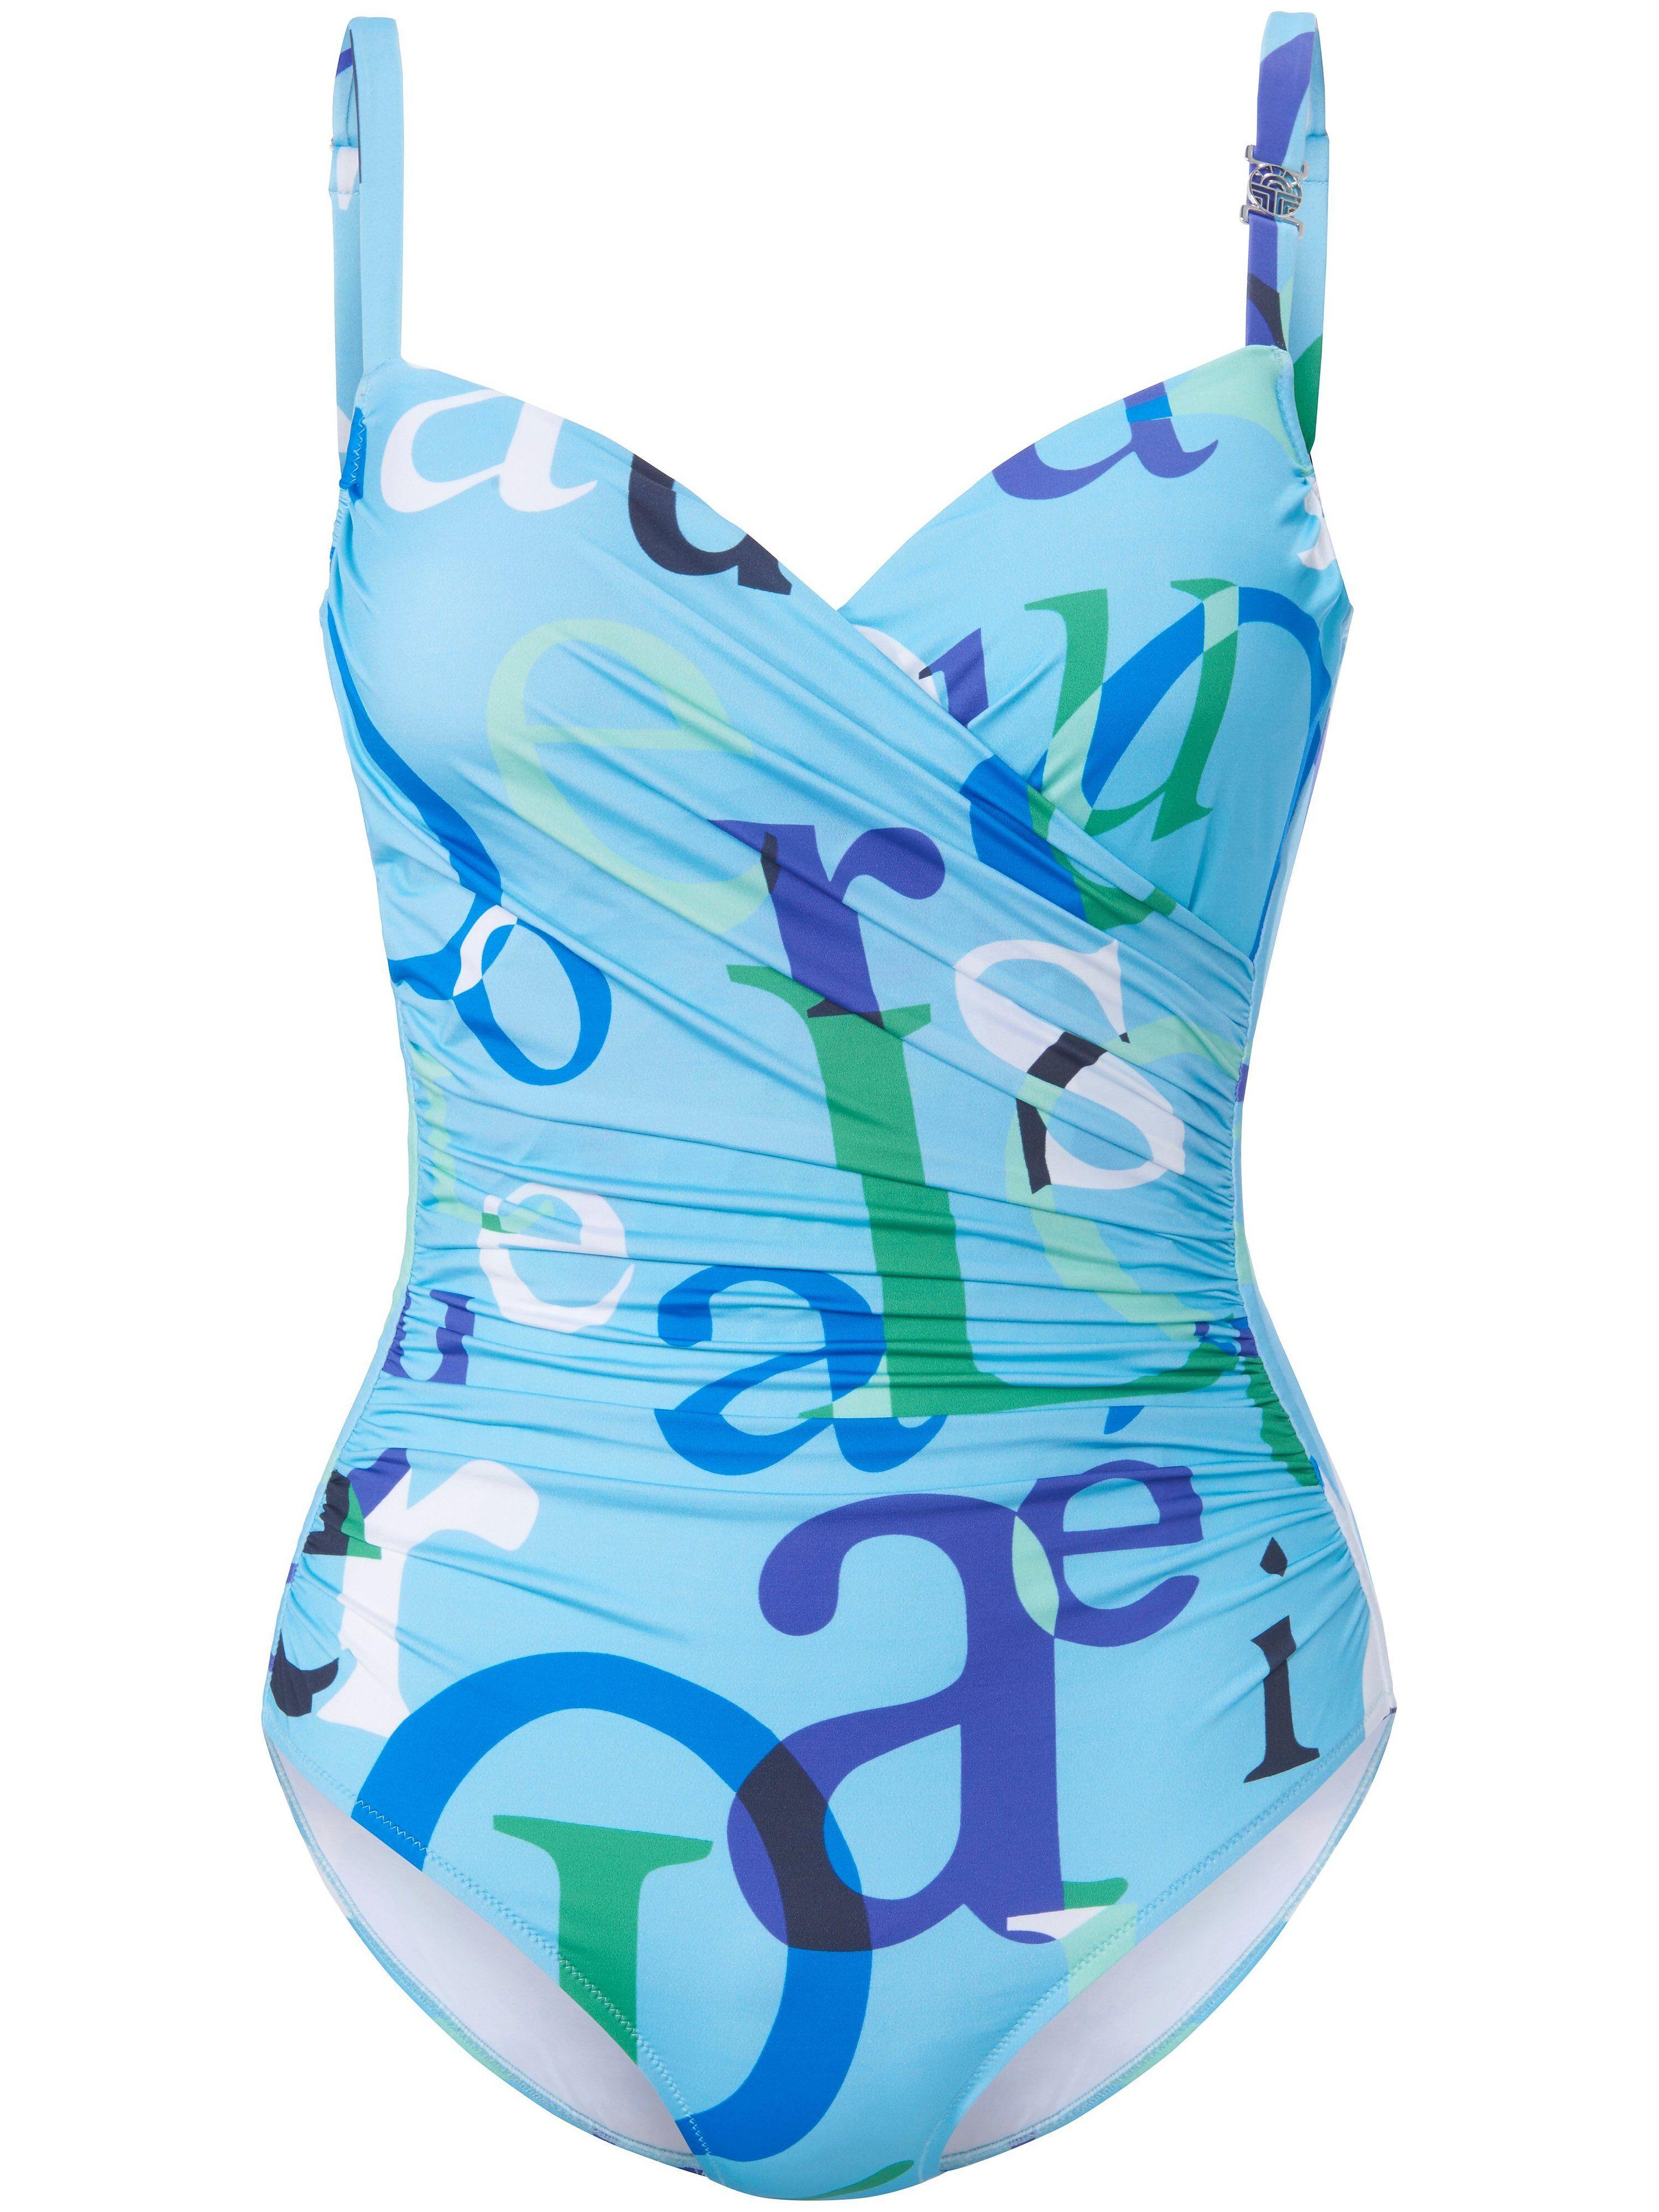 Féraud Le maillot bain à armatures  Féraud turquoise  - Femme - 42